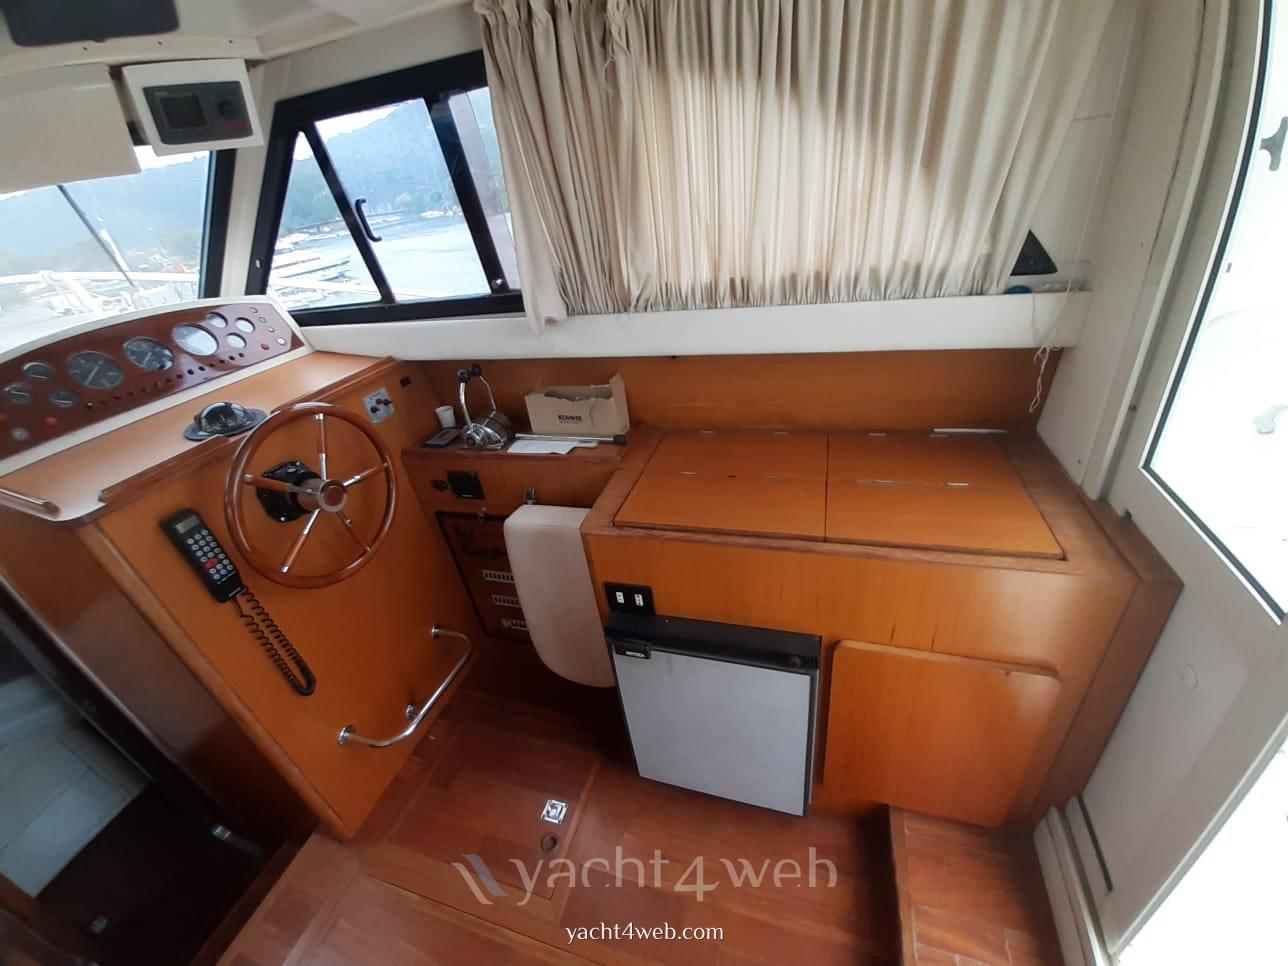 finnautica Arciere 33 Barca a motore usata in vendita